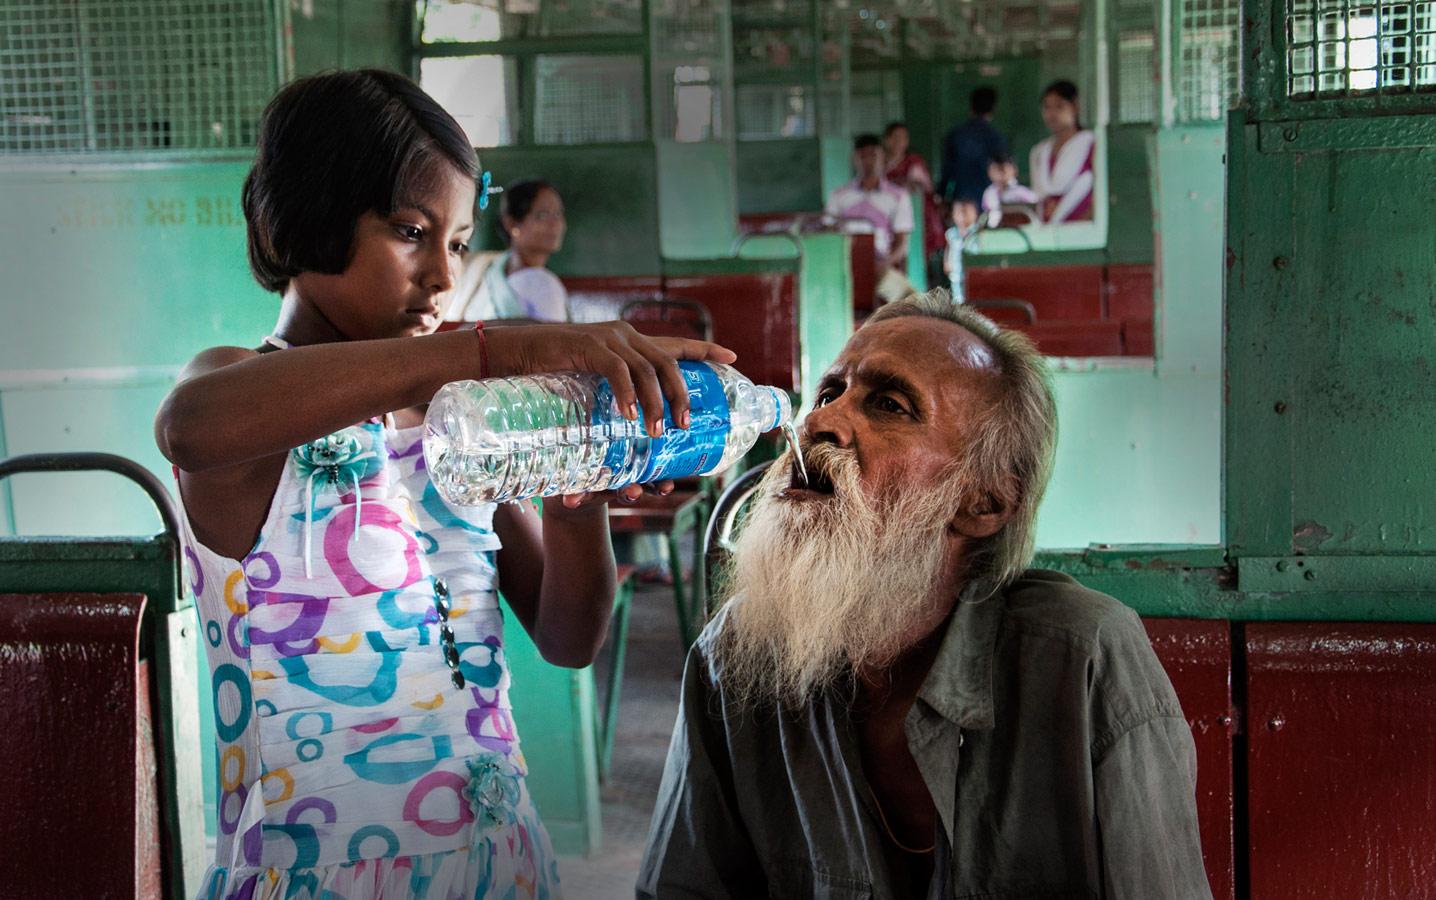 Сохранить воду, спасти жизнь, © Нимай Чандра Гош, Фотоконкурс «Наш мир добрый»